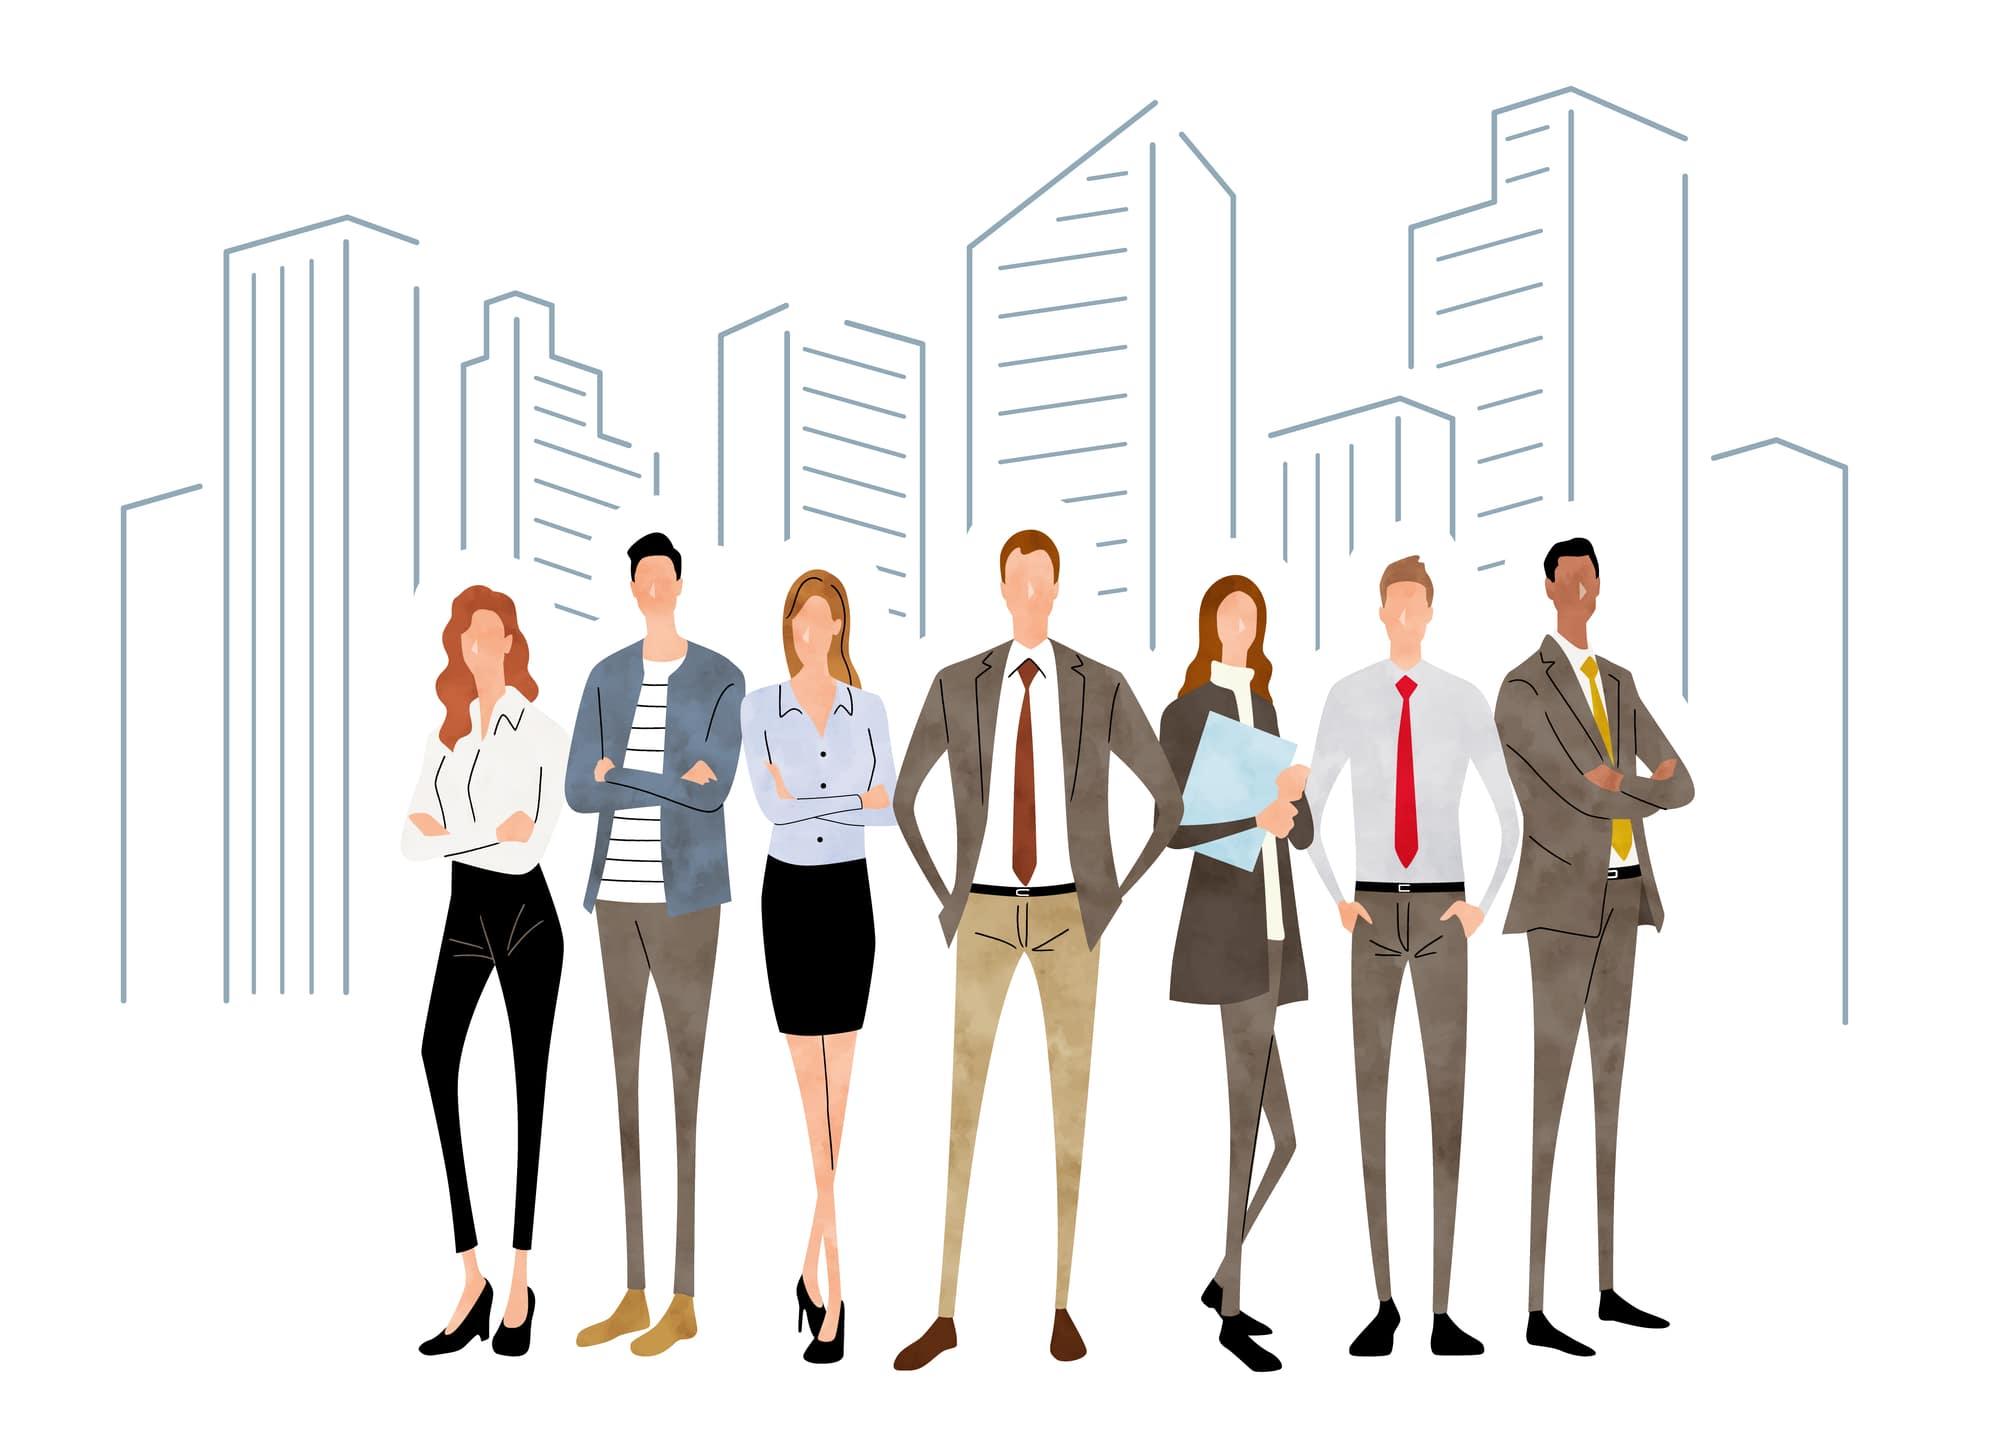 <アフターコロナの働き方>ユニークな働き方に取り組む7つの企業|TIME SHARING|タイムシェアリング |スペースマネジメント|あどばる|adval|SHARING